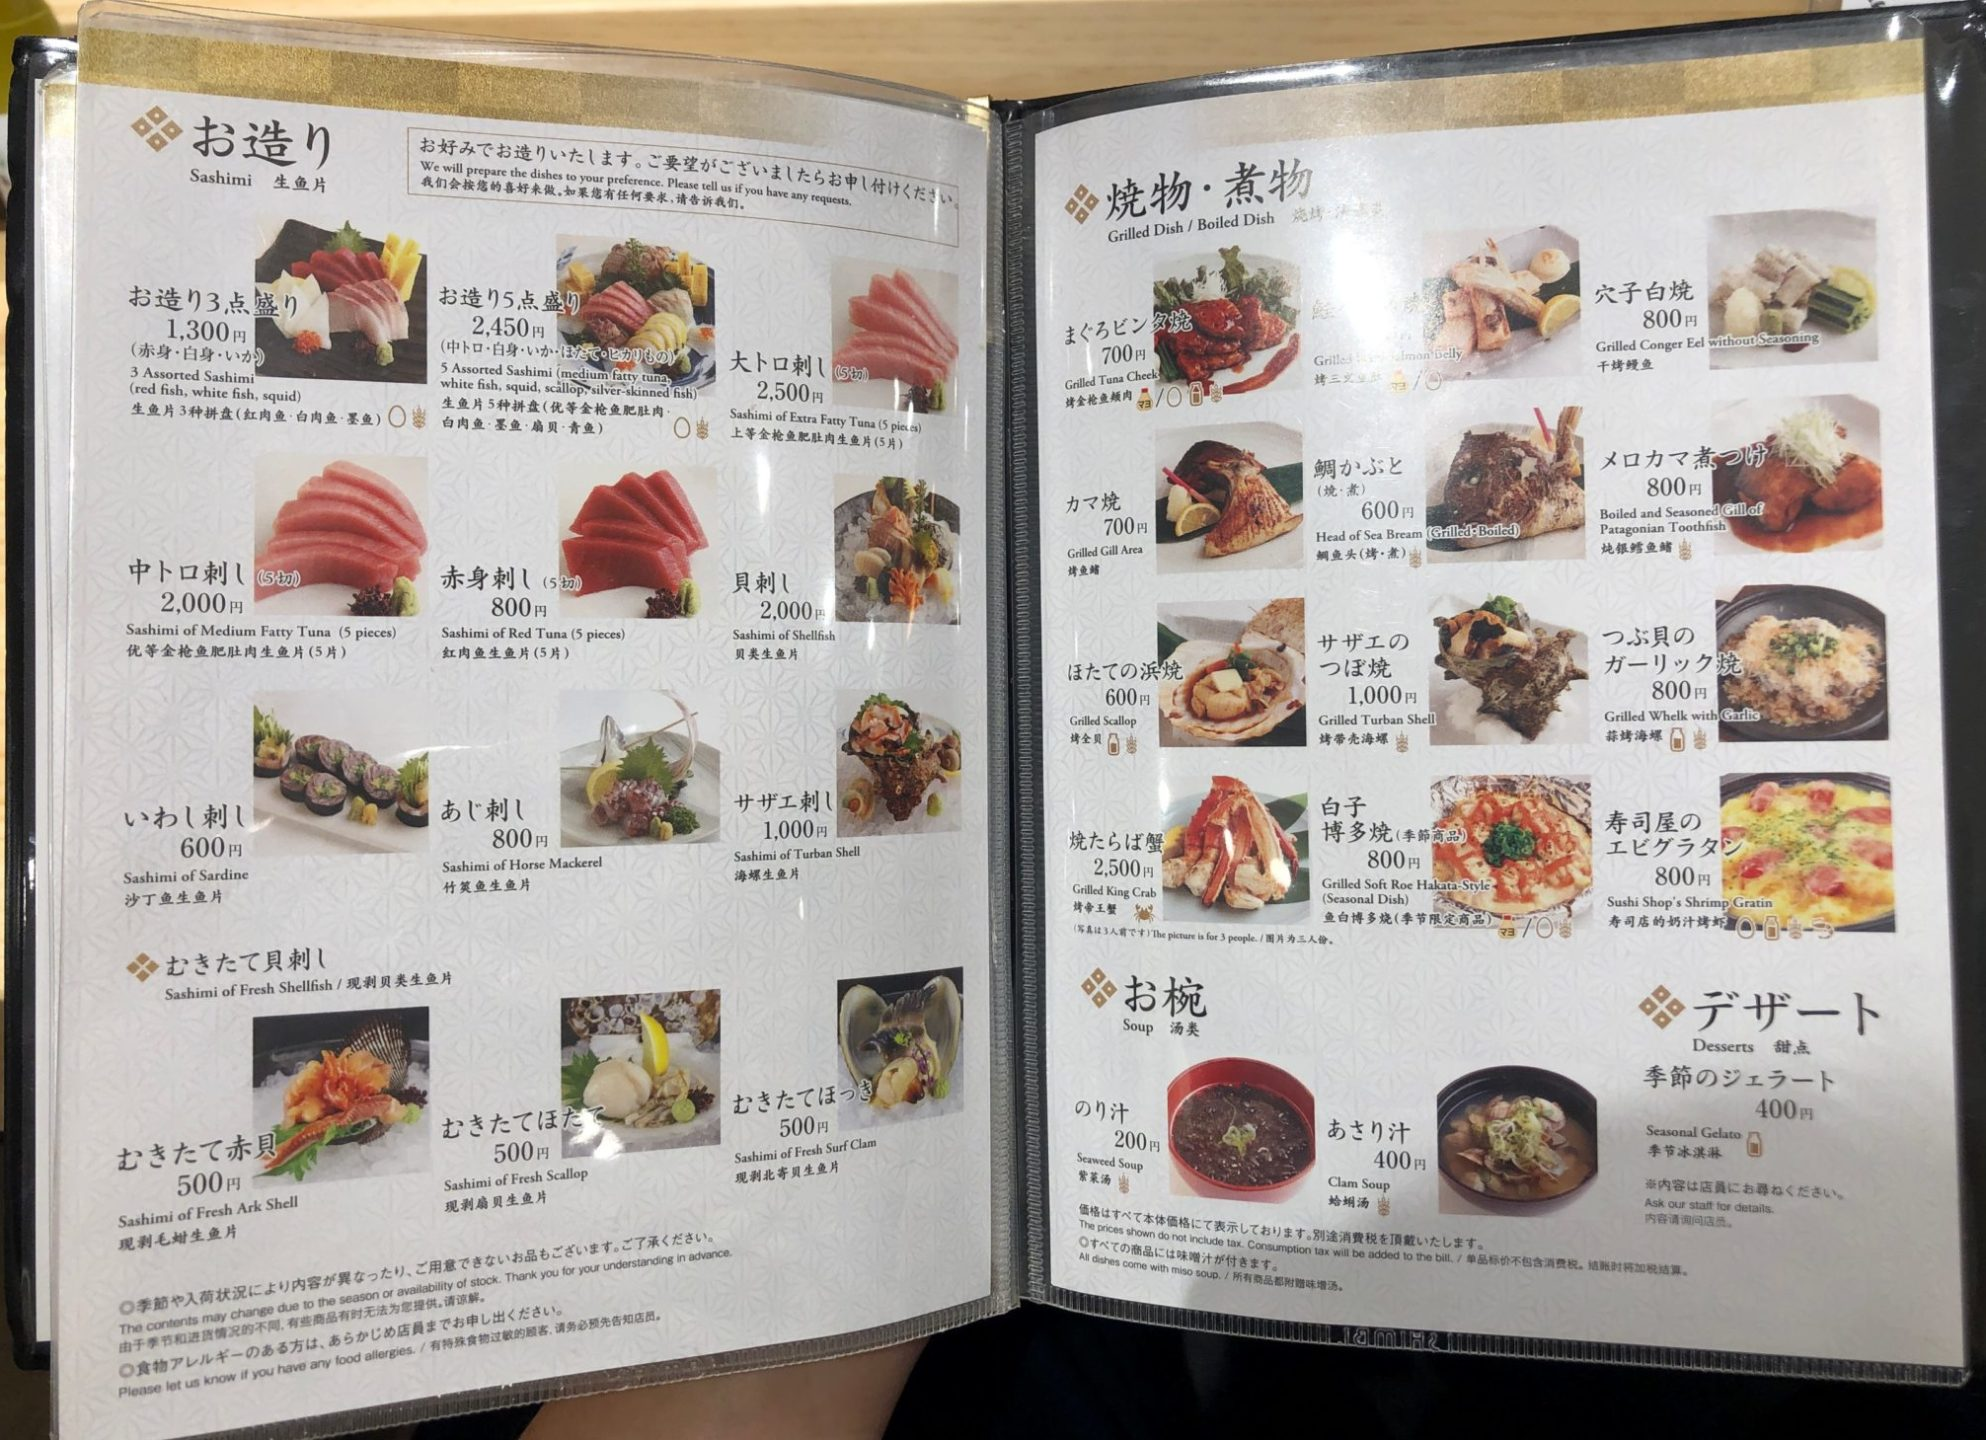 梅ヶ丘の美登利寿司のおつまみメニュー